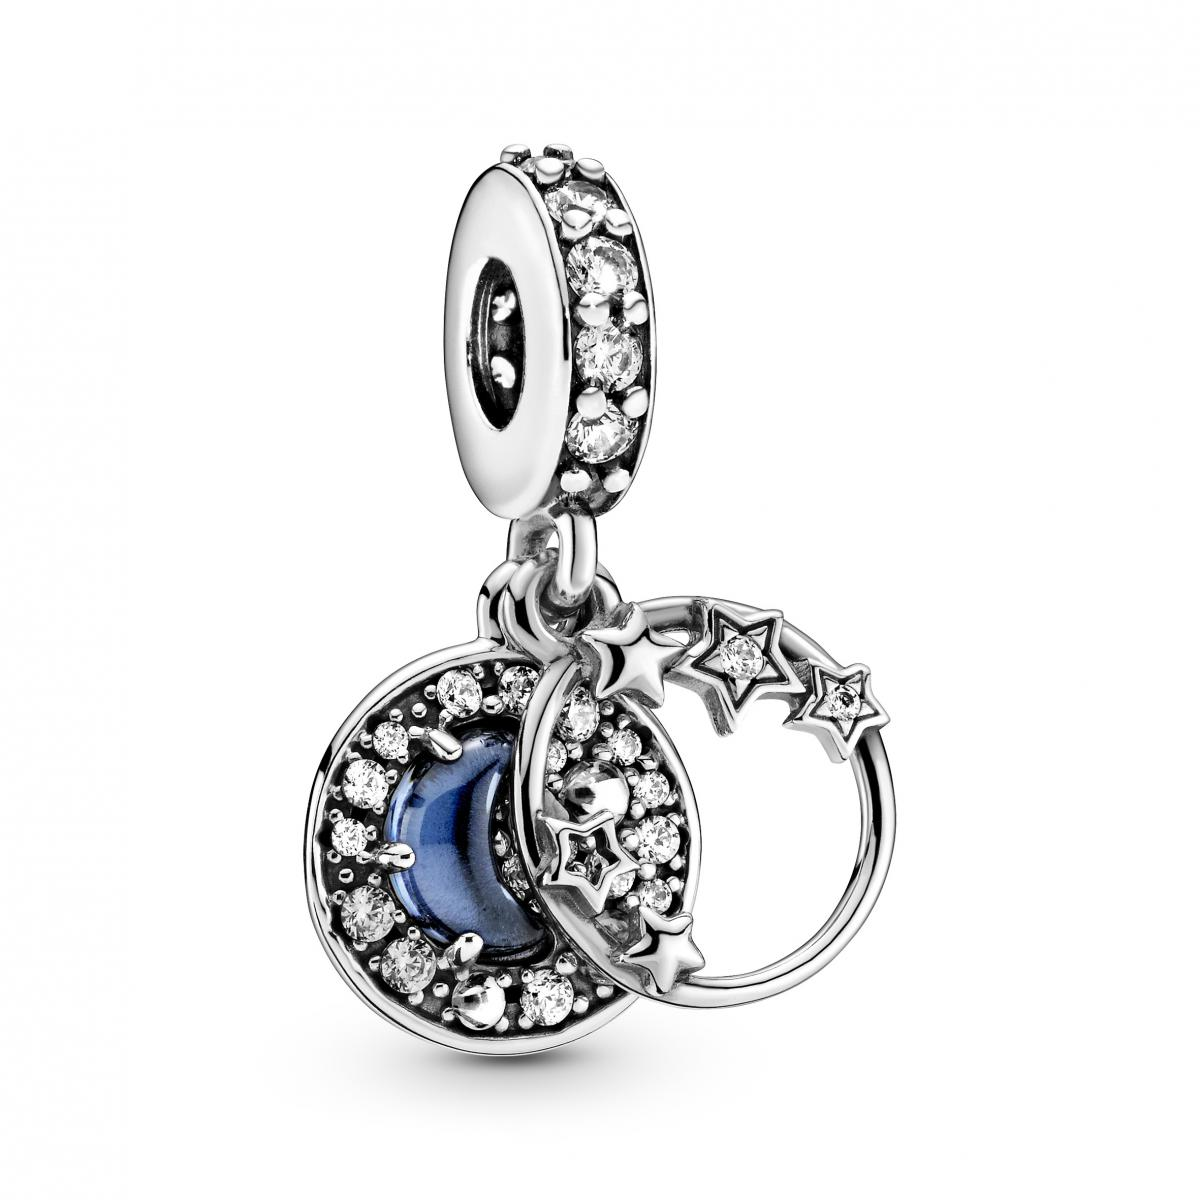 Pandora Pandora Passions 799216C01 Femme